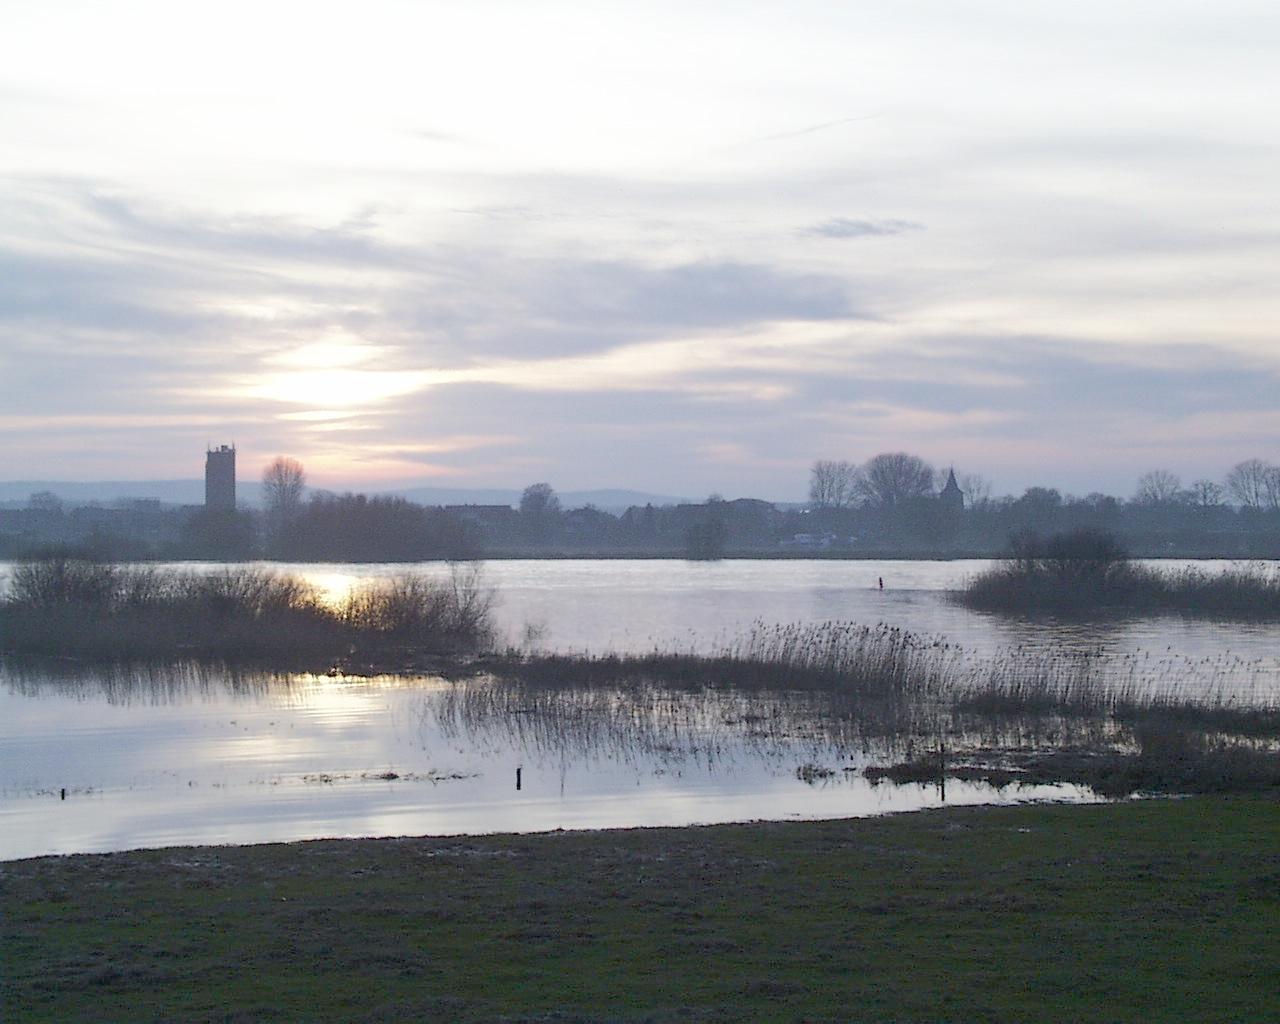 Wachturm an der Elbe